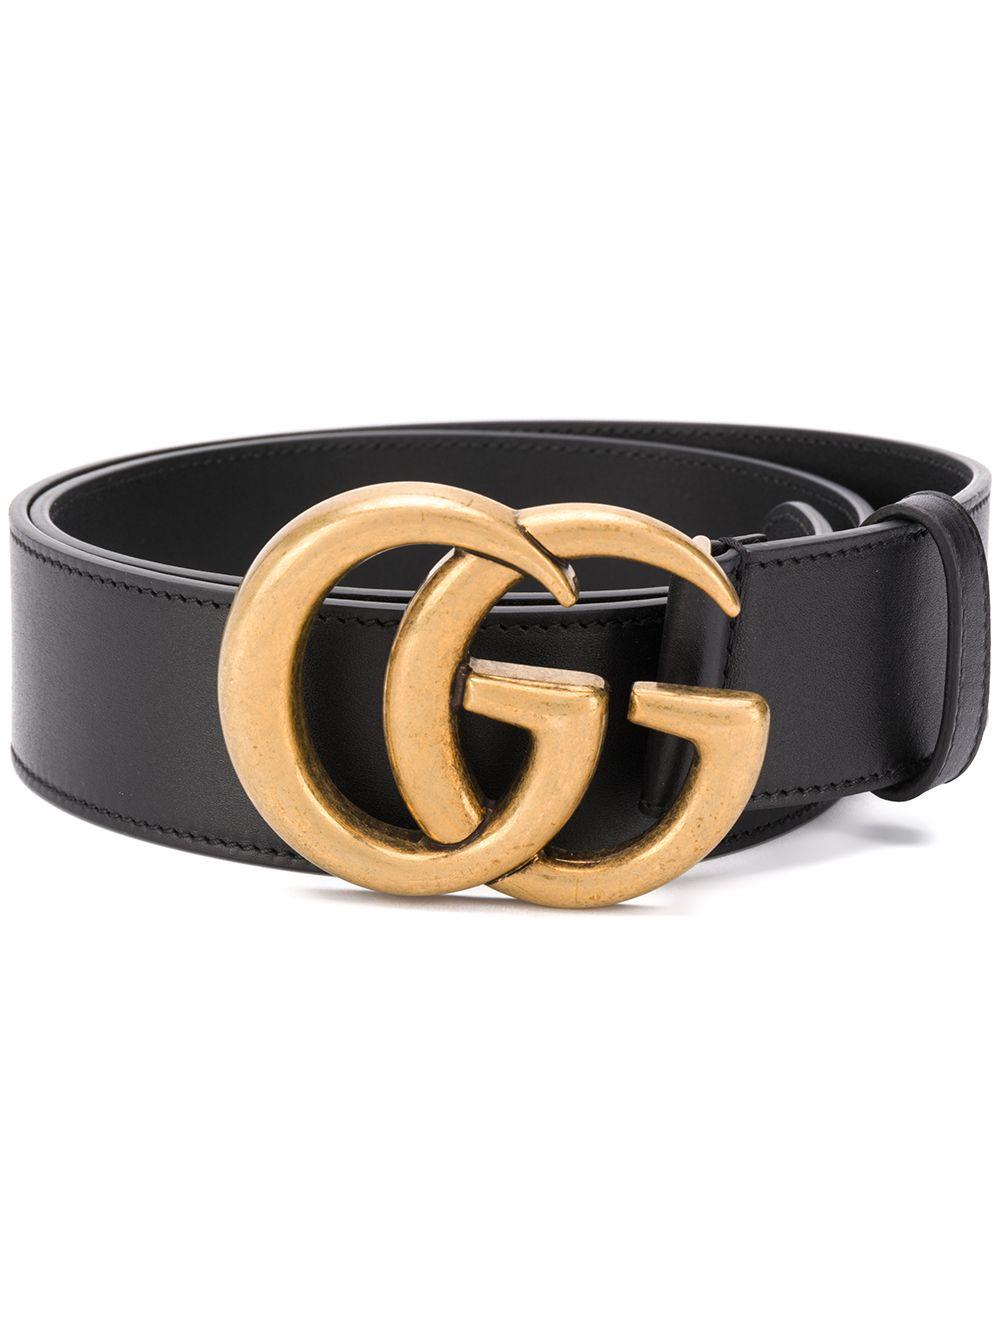 Cintura GG Marmont 4 cm in pelle di vitello liscia nera GUCCI | Cinture | 397660-AP0071000